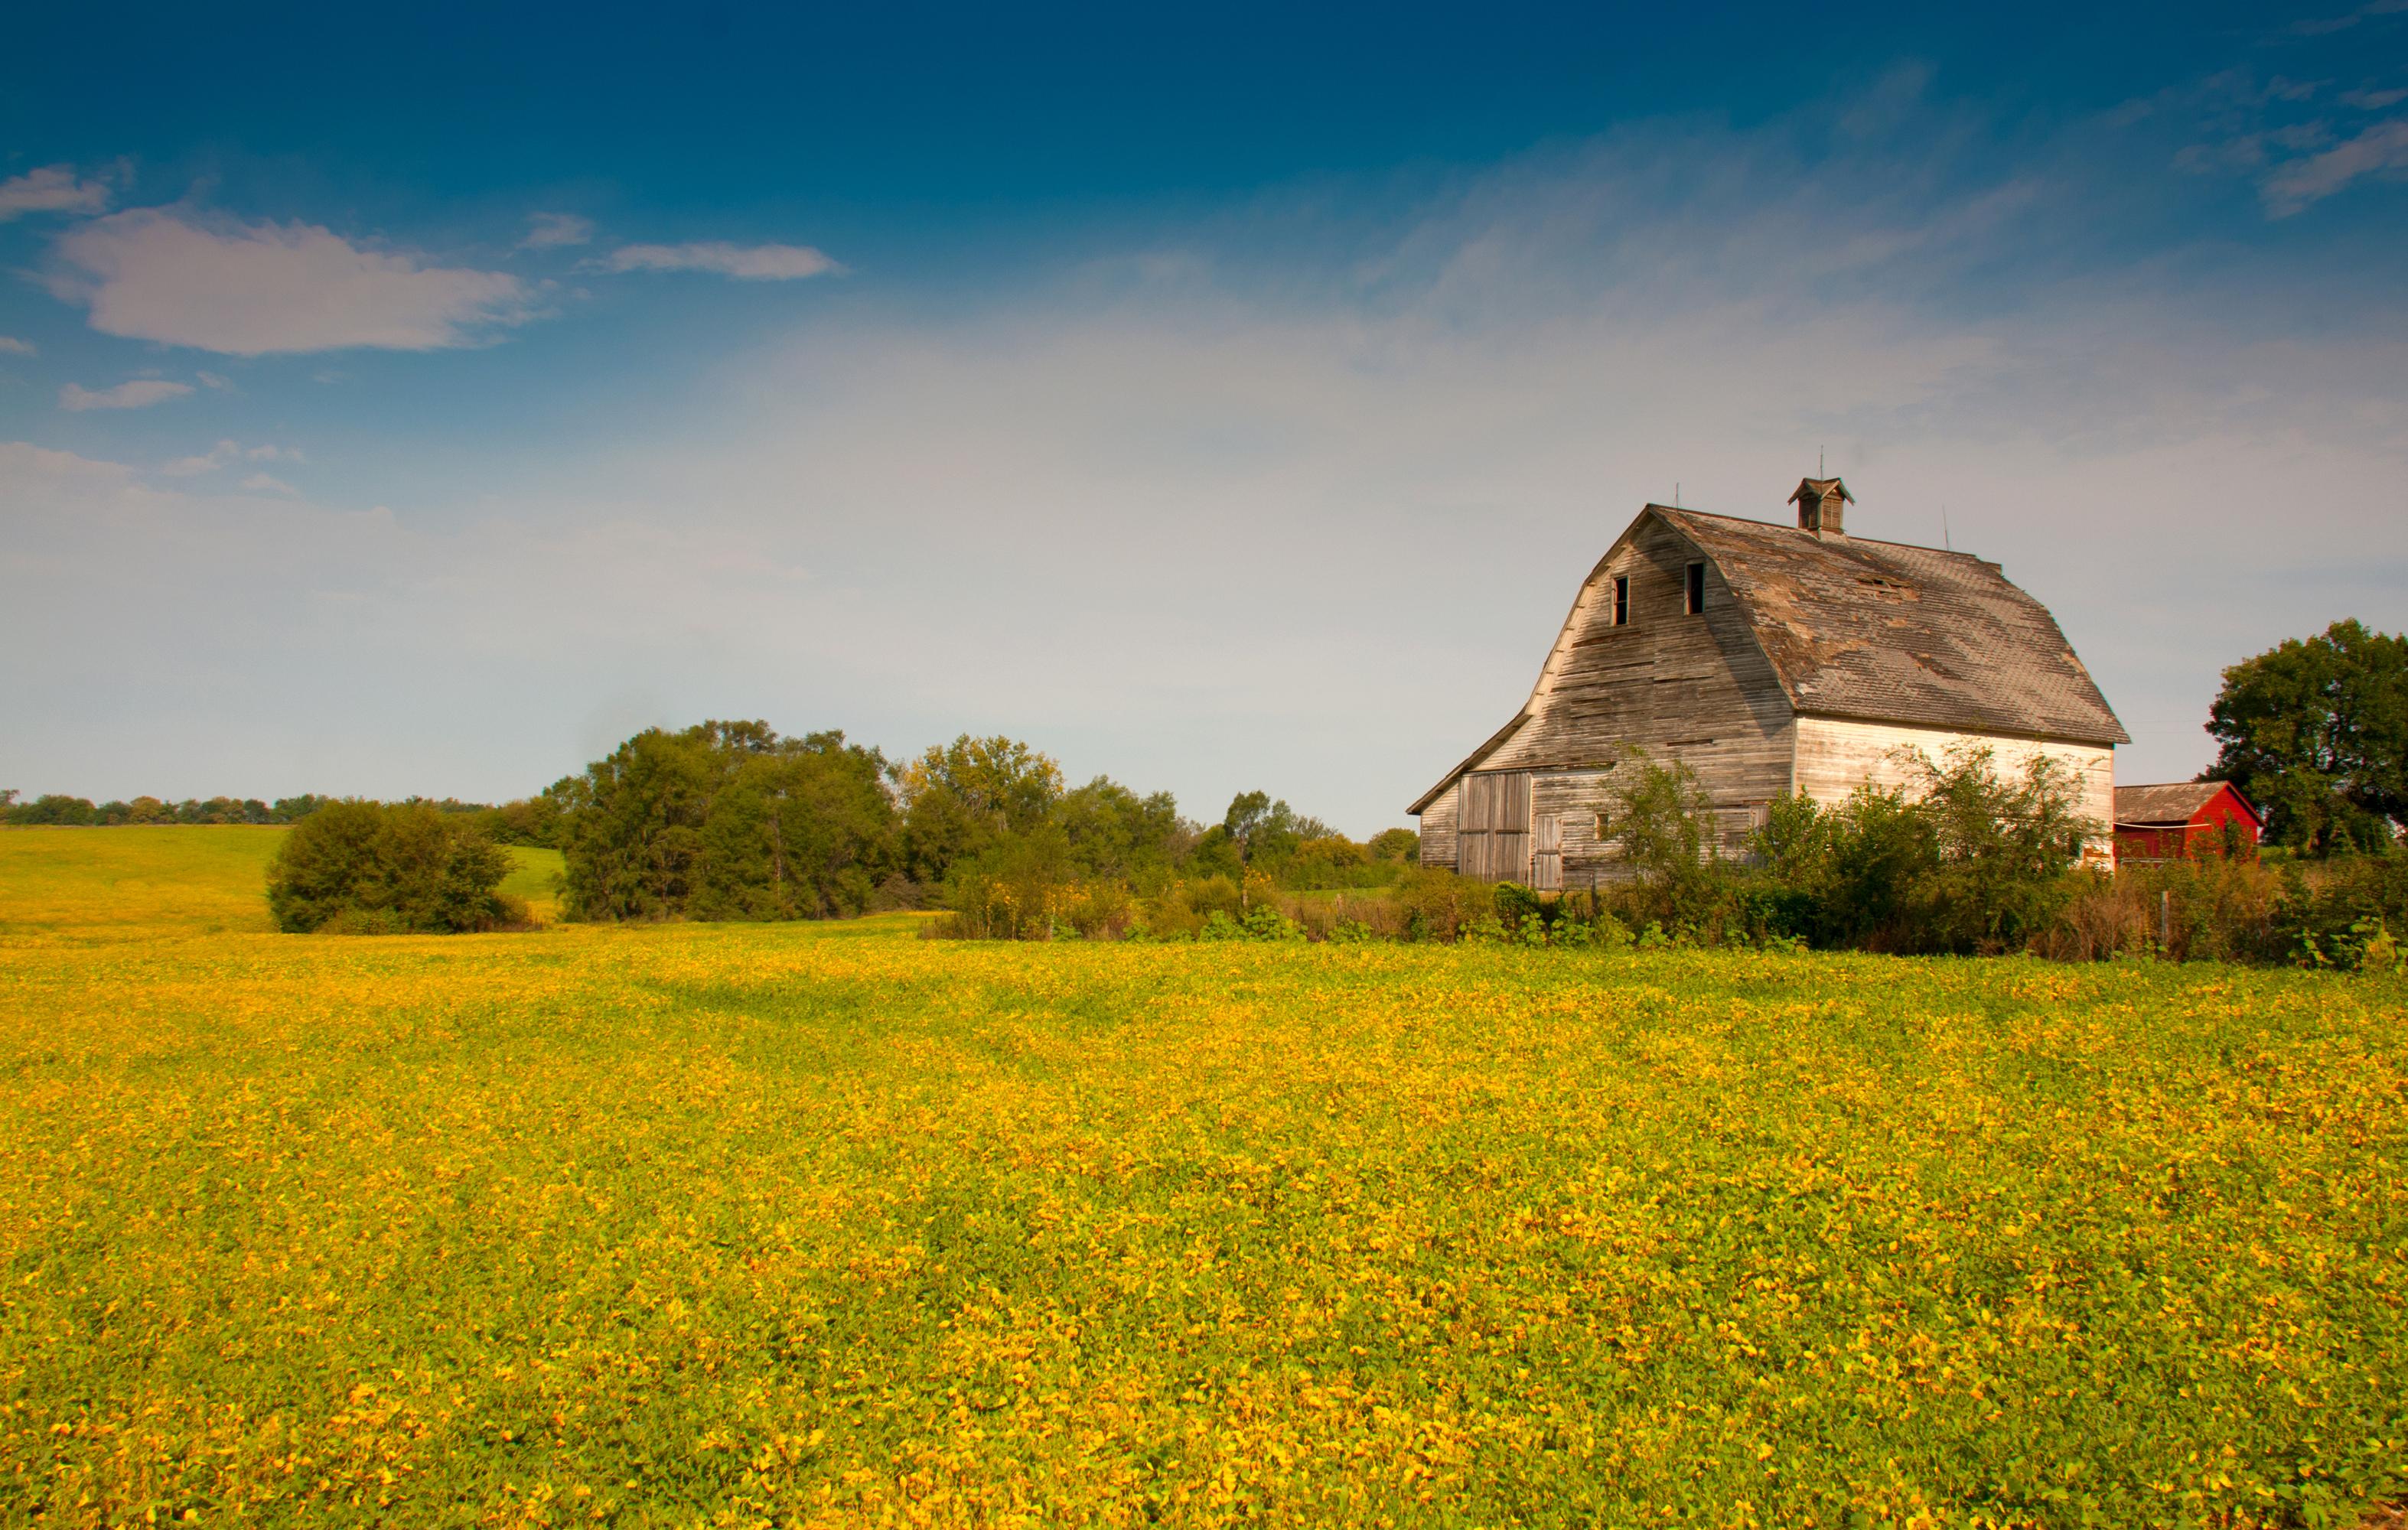 Barn in a Nebraska farm field.